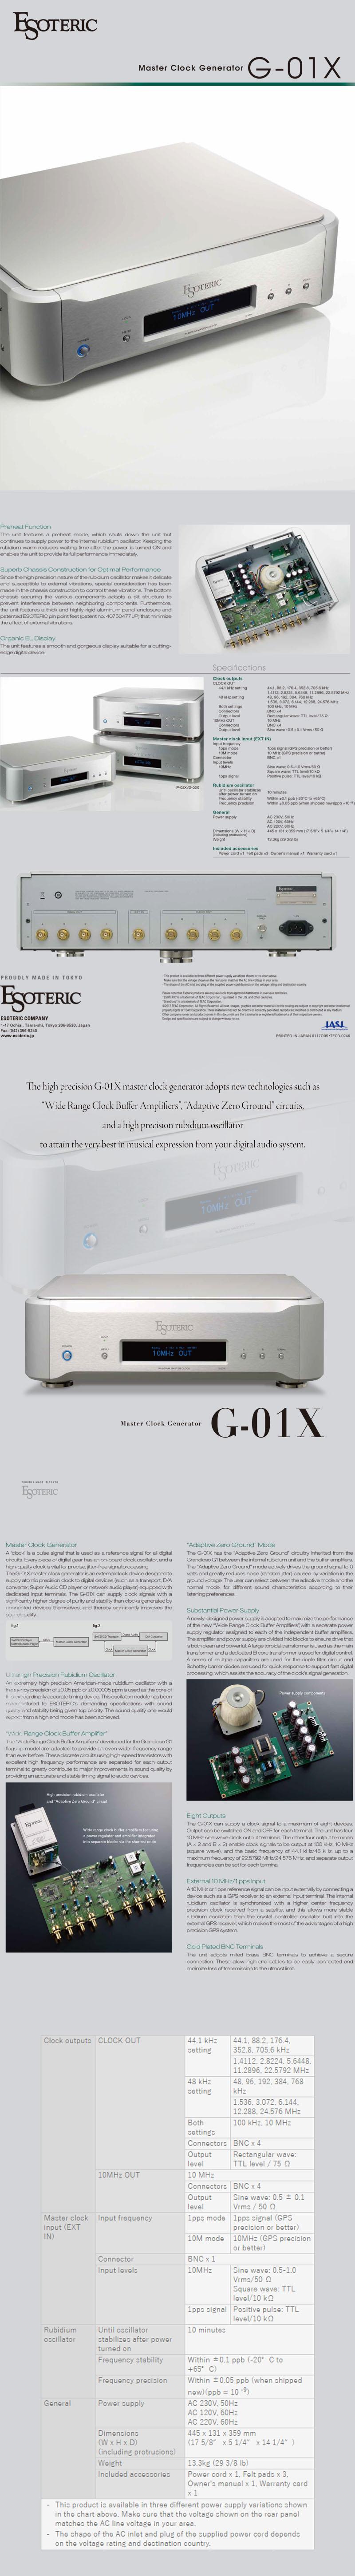 g-01x-1.jpg